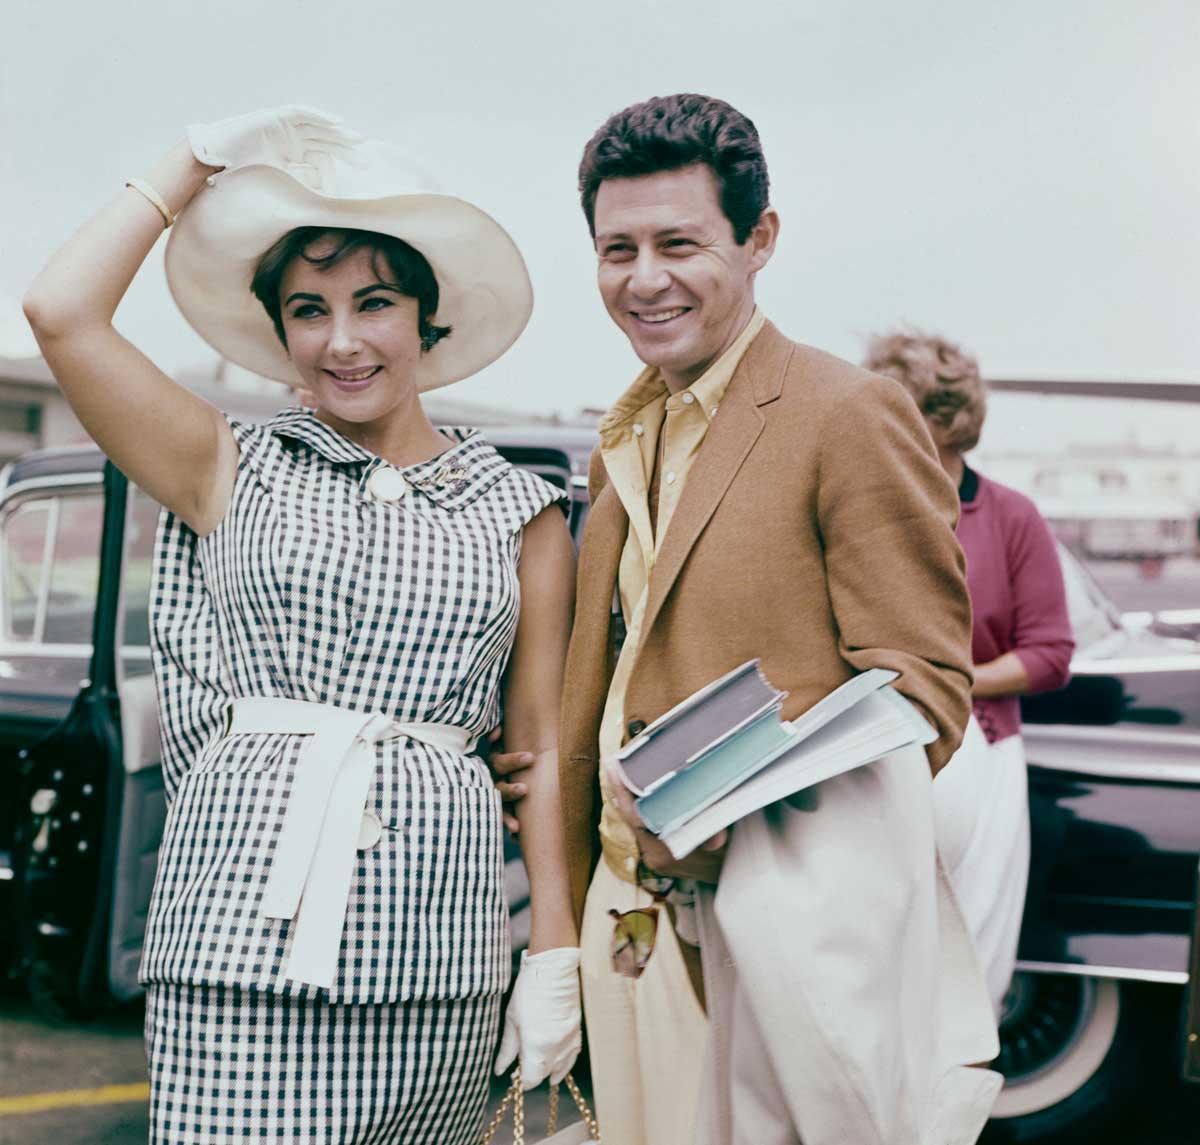 Para poder casarse con Liz Taylor, Eddie Fisher se separó de su entonces esposa, Debbie Reynolds, quien, coincidentemente, había sido la mejor amiga de la actriz.